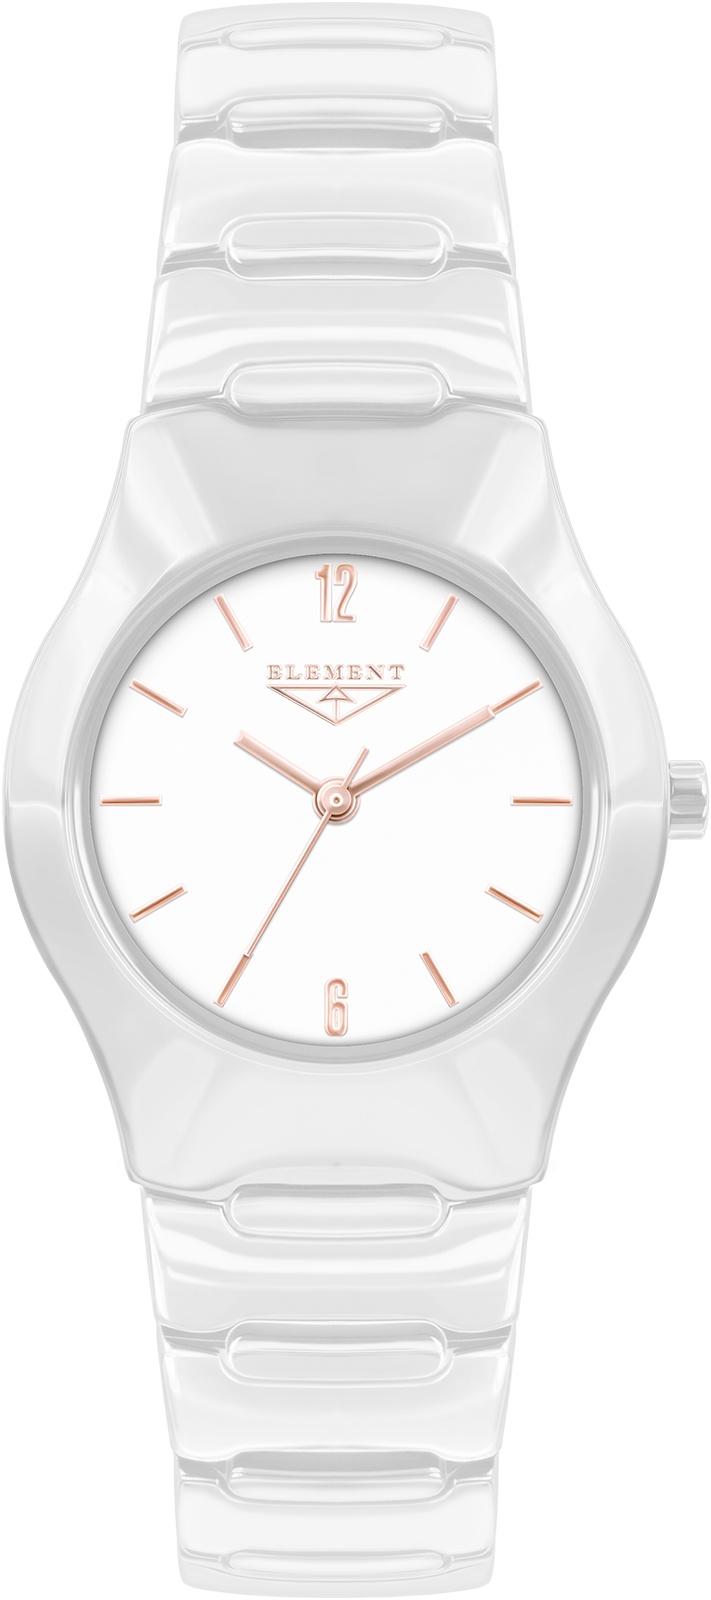 Часы 33 ELEMENT 331432C, белый женские часы 33 element 331432c